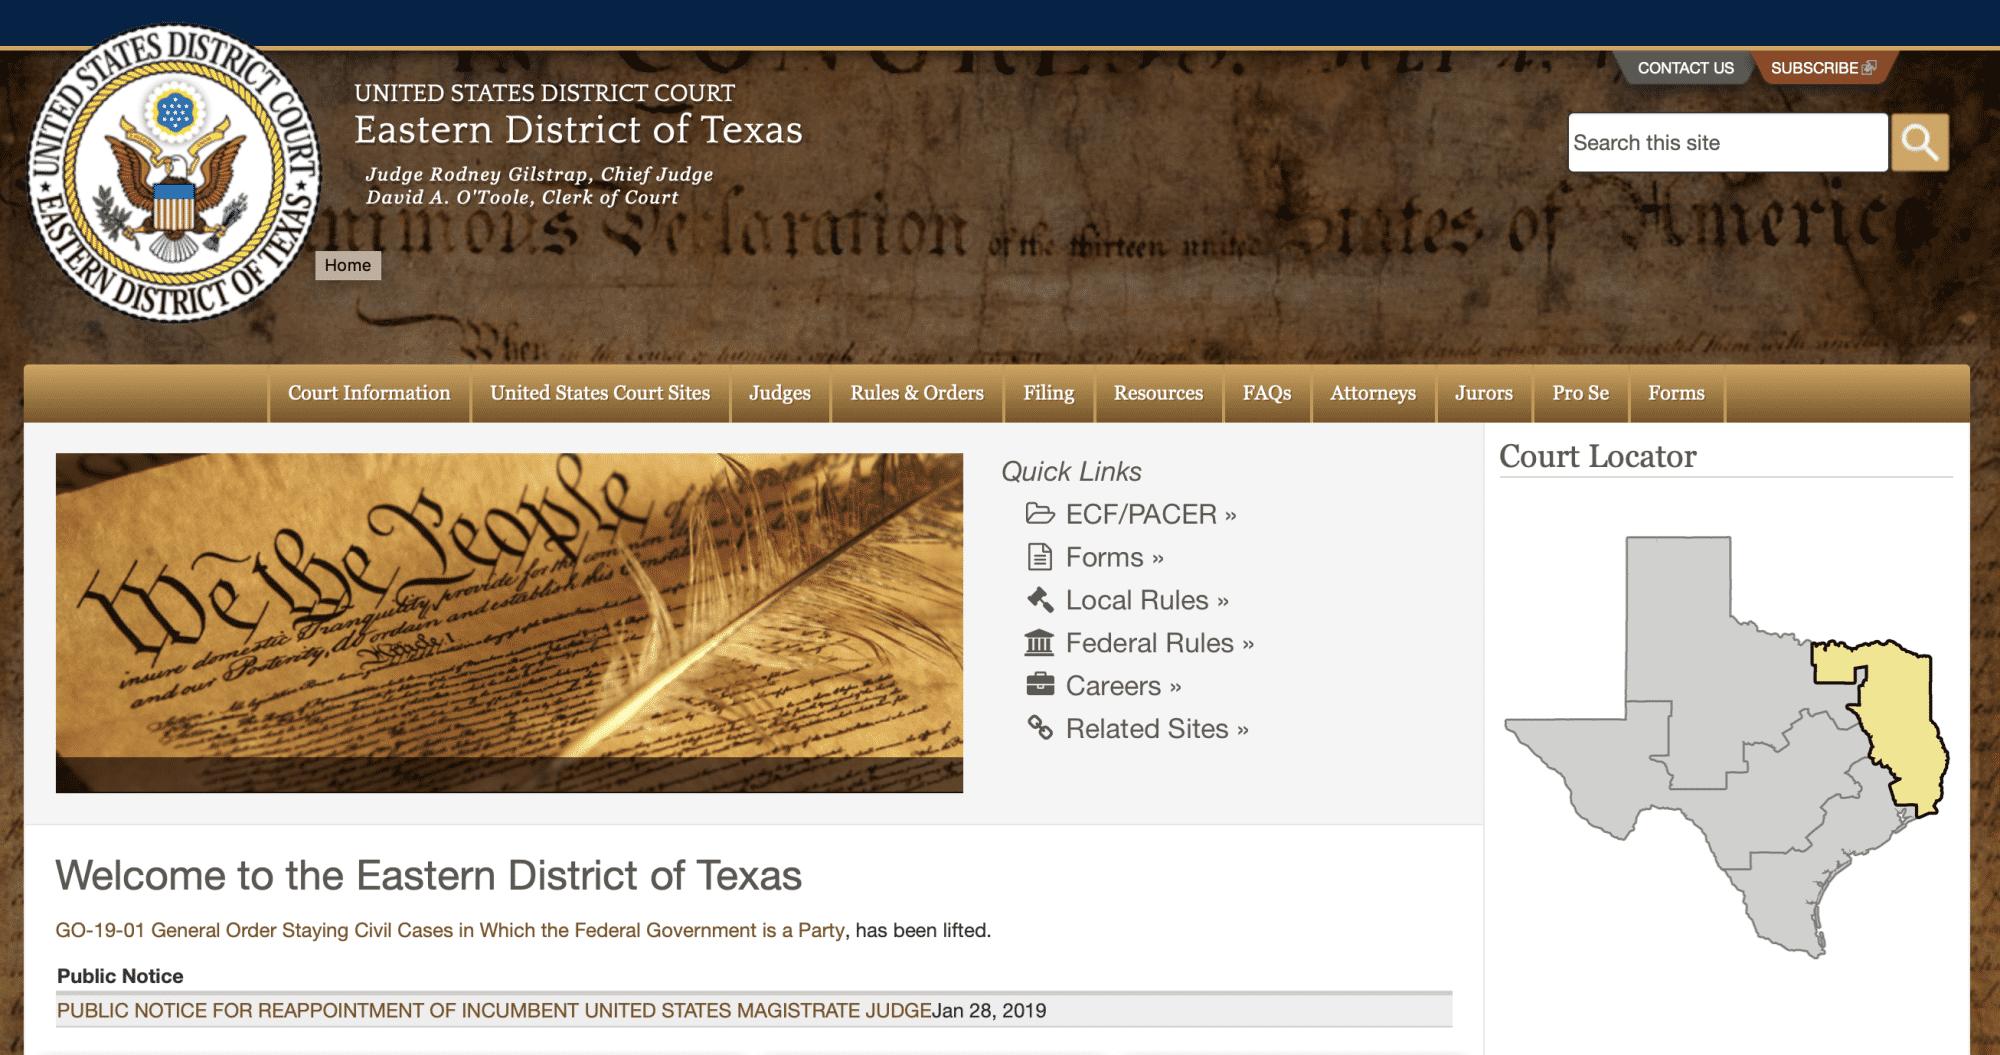 Das Bundesbezirksgericht Osttexas gilt als berühmt-berüchtigt, zugunsten von Patentinhabern zu entscheiden.